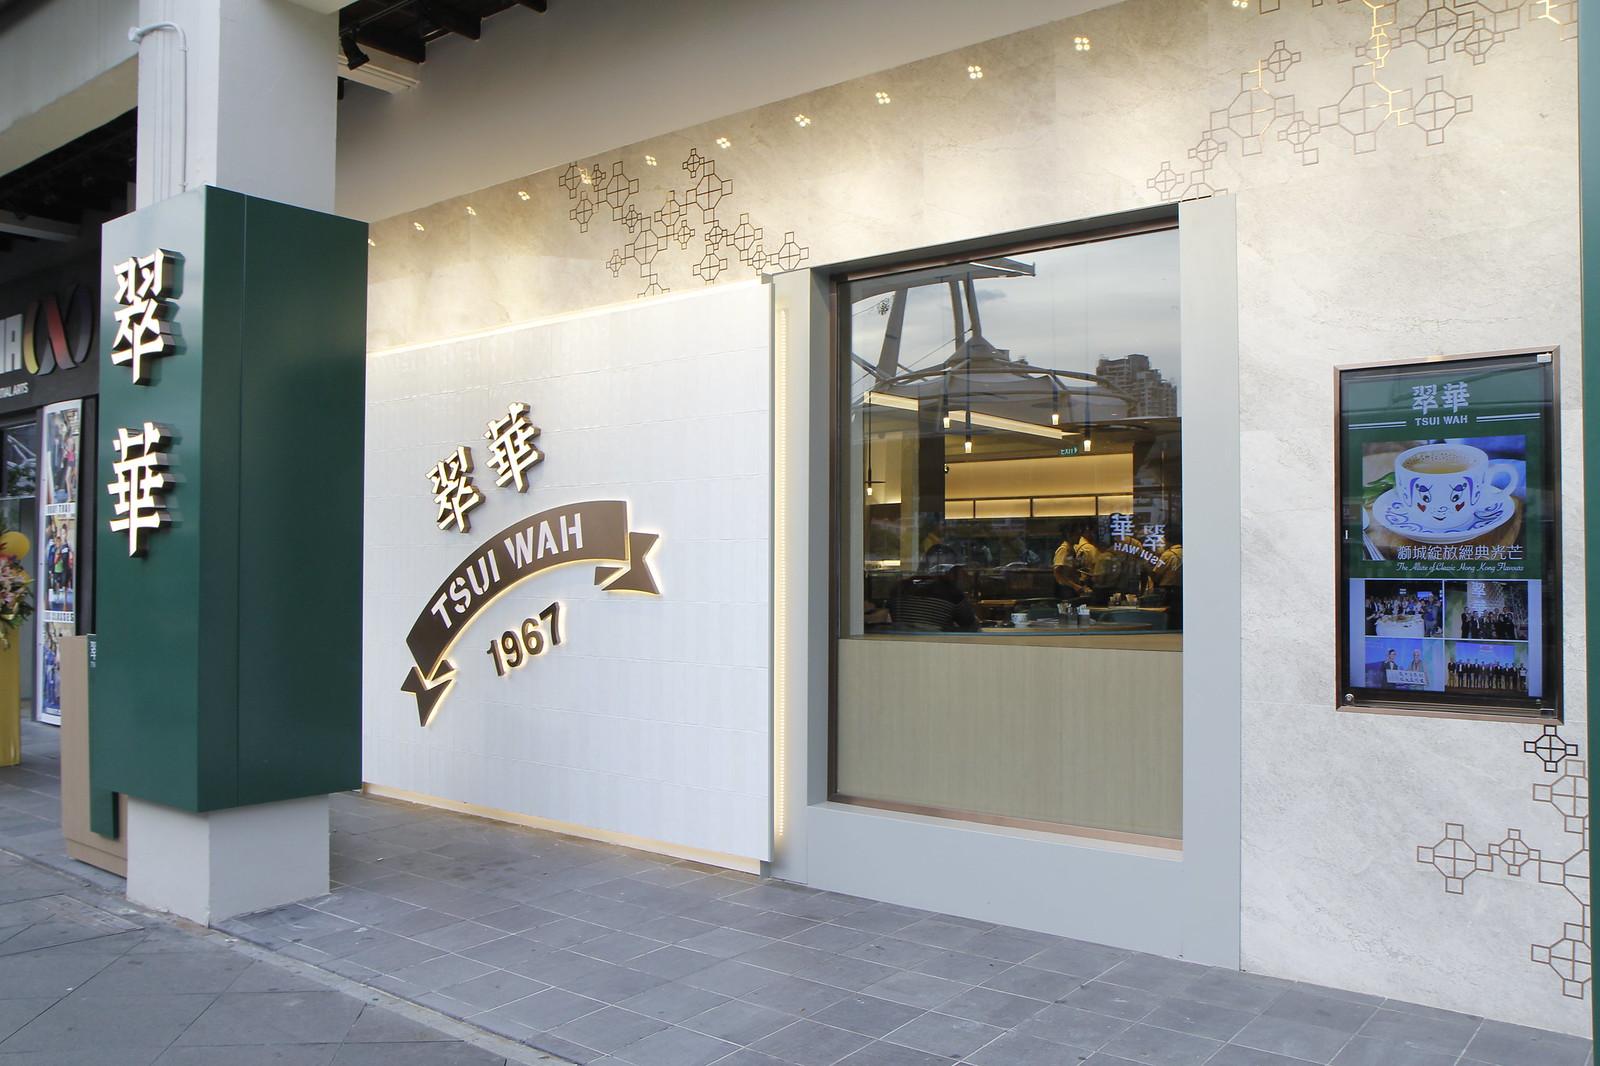 Tsui Wah Clarke Quay Storefront - 1